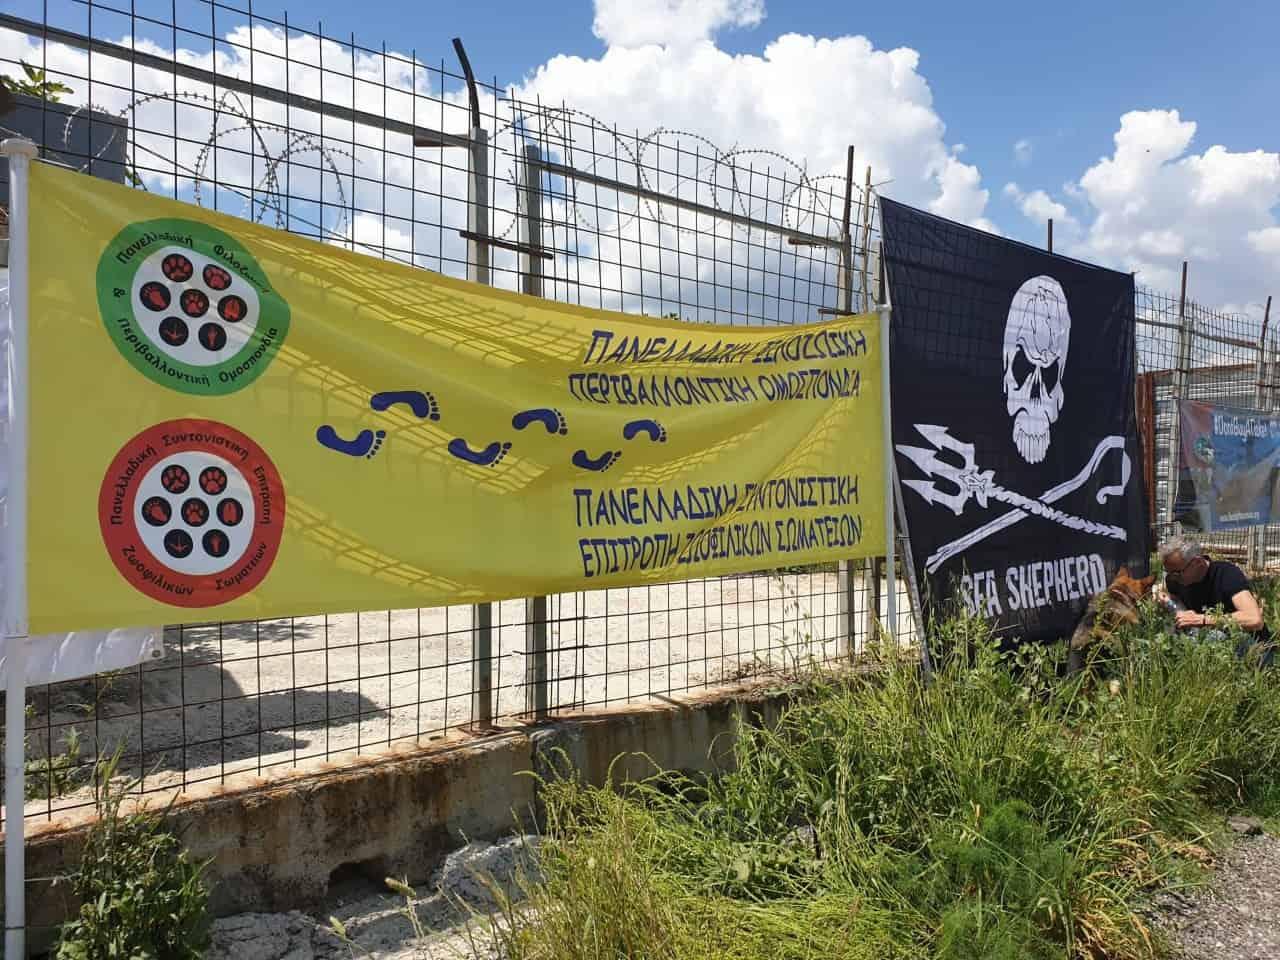 Η ΠΦΠΟ στην διαμαρτυρια της 11ης Μαίου έξω απο το Αττικό Πάρκο / PFPO participated in a protest on May 11th outside the Attica Zoological Park